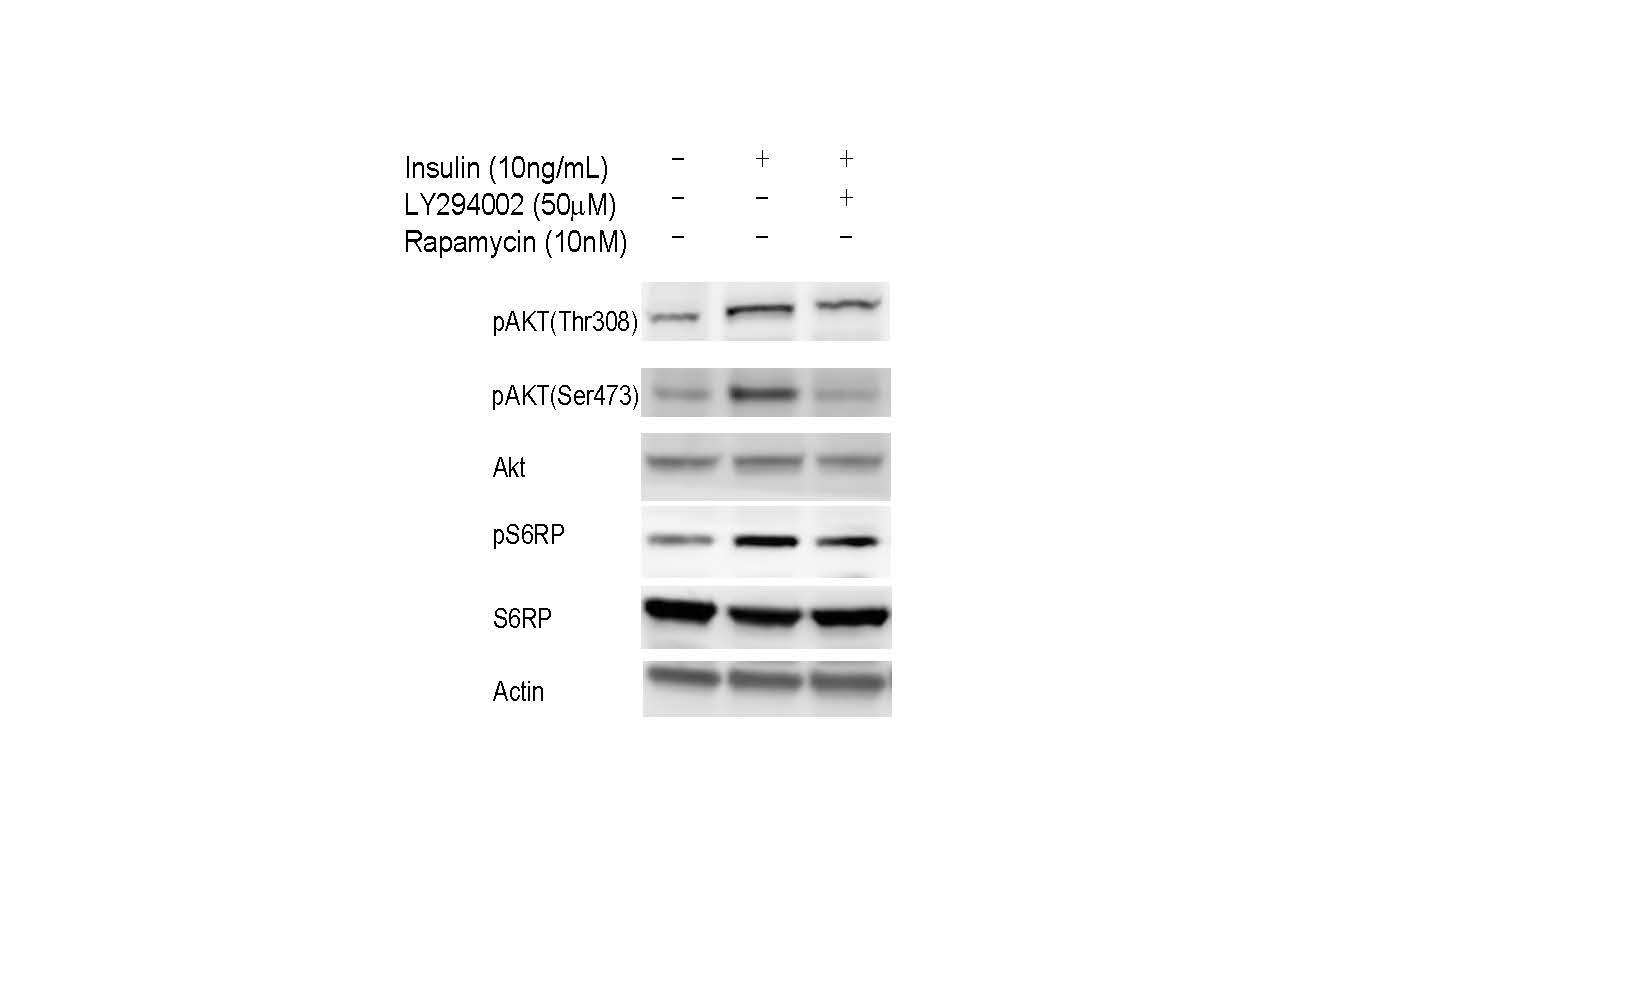 Phospho-Akt (Thr308) Antibody for Western Blot